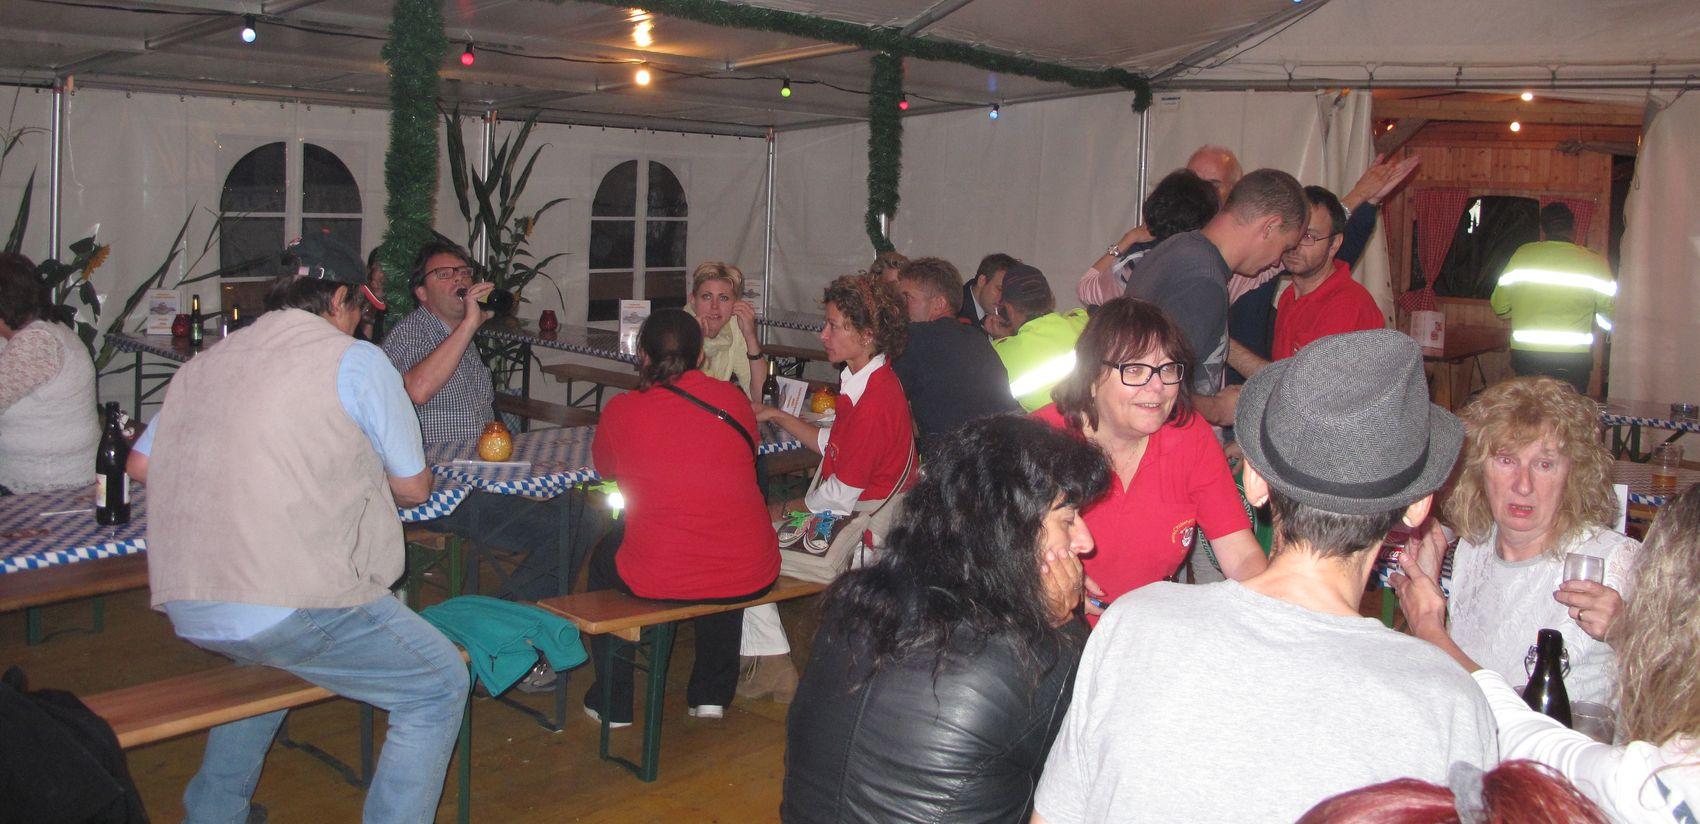 Dorffest 2015 - Chlausgesellschaft Neuenhof (8)